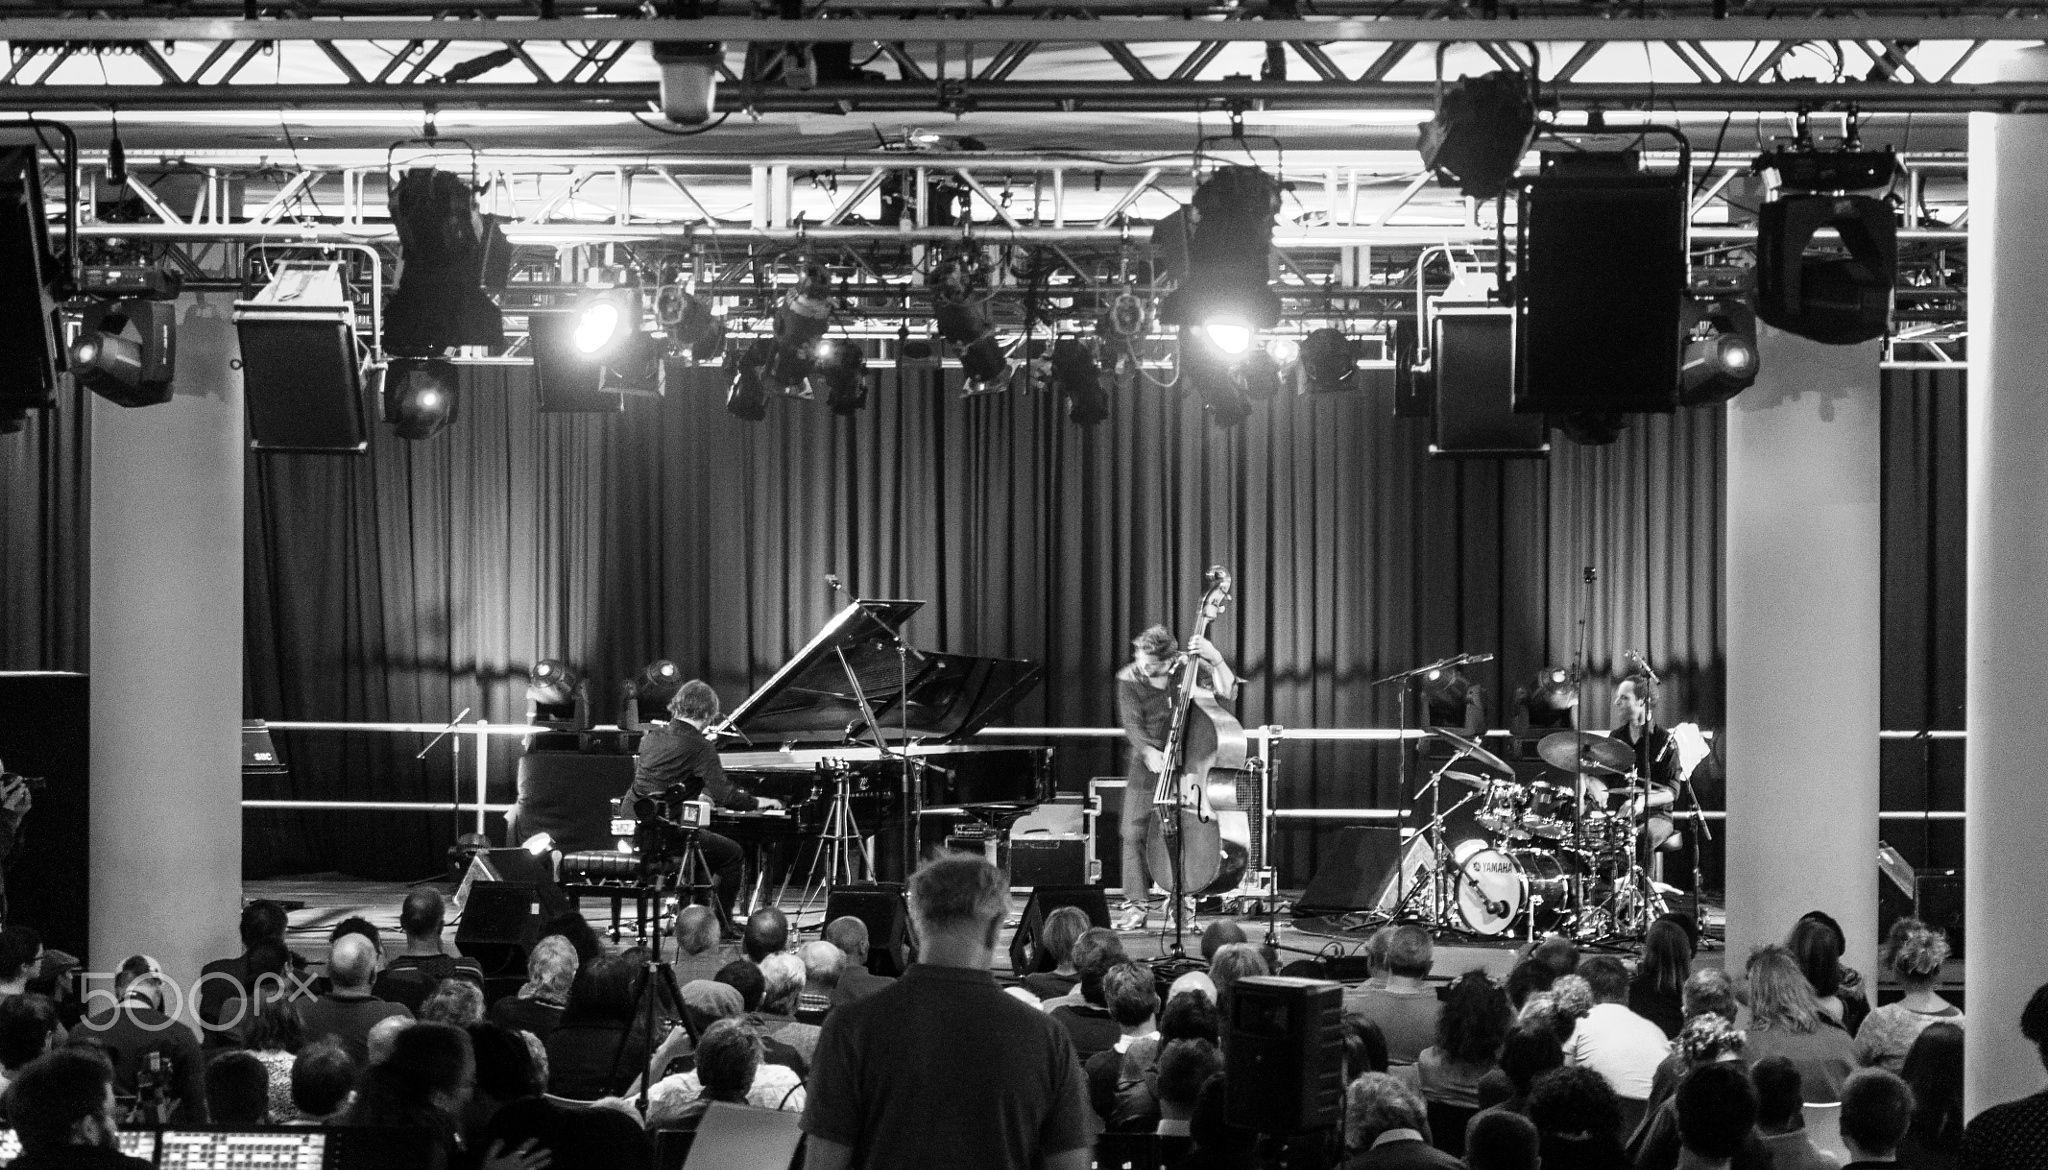 Jazz it up i stumbled upon the efg london jazz festival